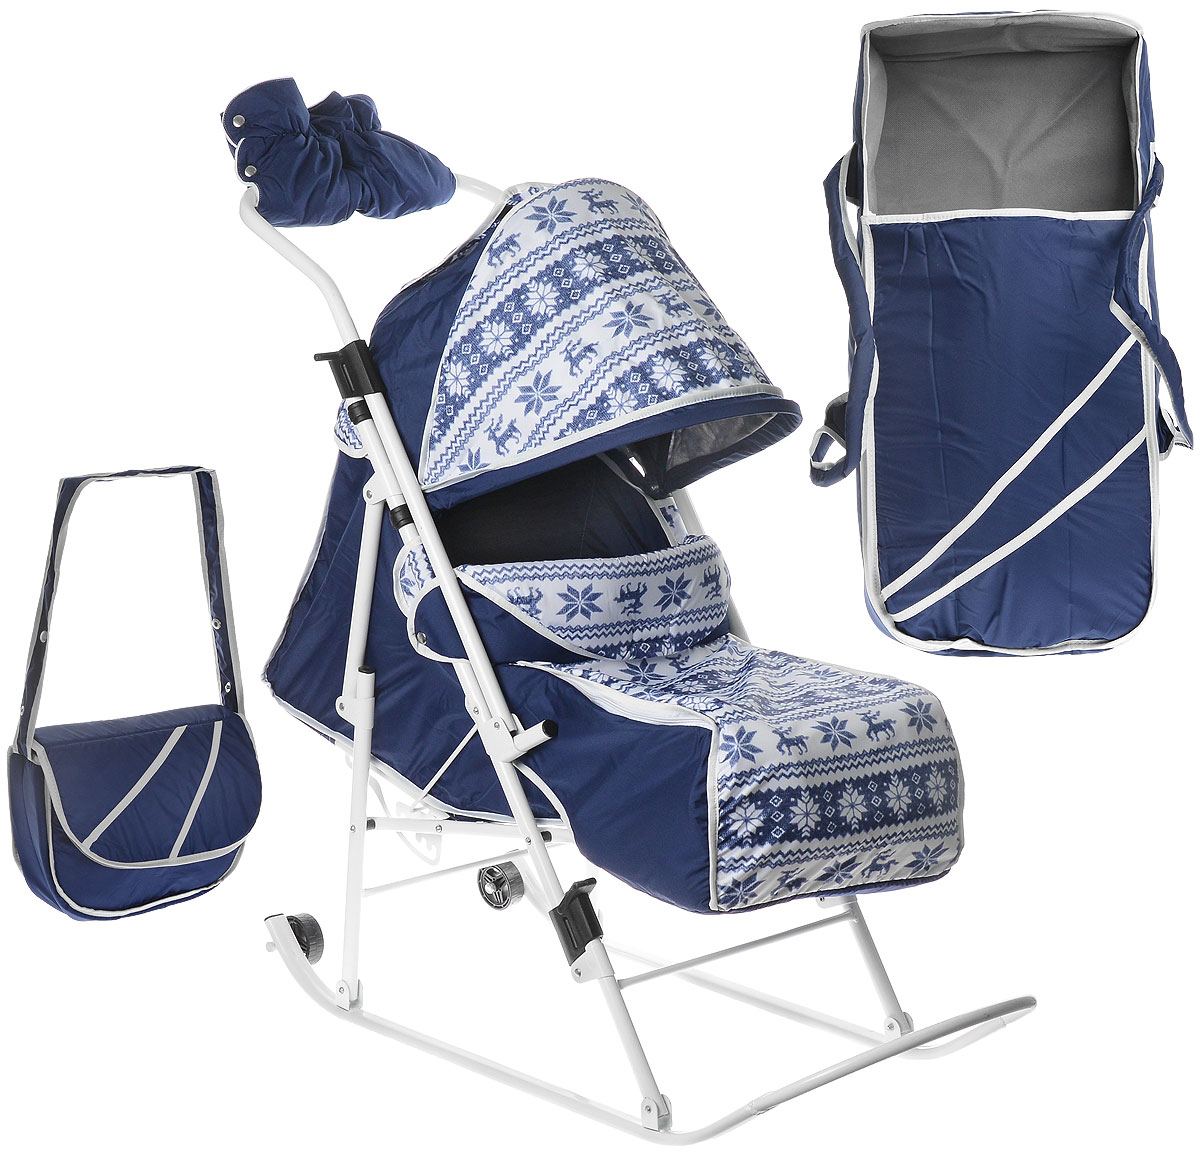 Санки-коляска Любава (с переноской) (Синий (Скандинавия))267111Складные санки-коляска с плоскими полозьями с переноской в комплекте , 5 положений спинки, увеличенное посадочное место, ремень безопасности, складывающийся козырек, смотровое окошко, чехол для ног. Перекидная ручка, поднимающаяся подножка, сумка для мамы, муфта.